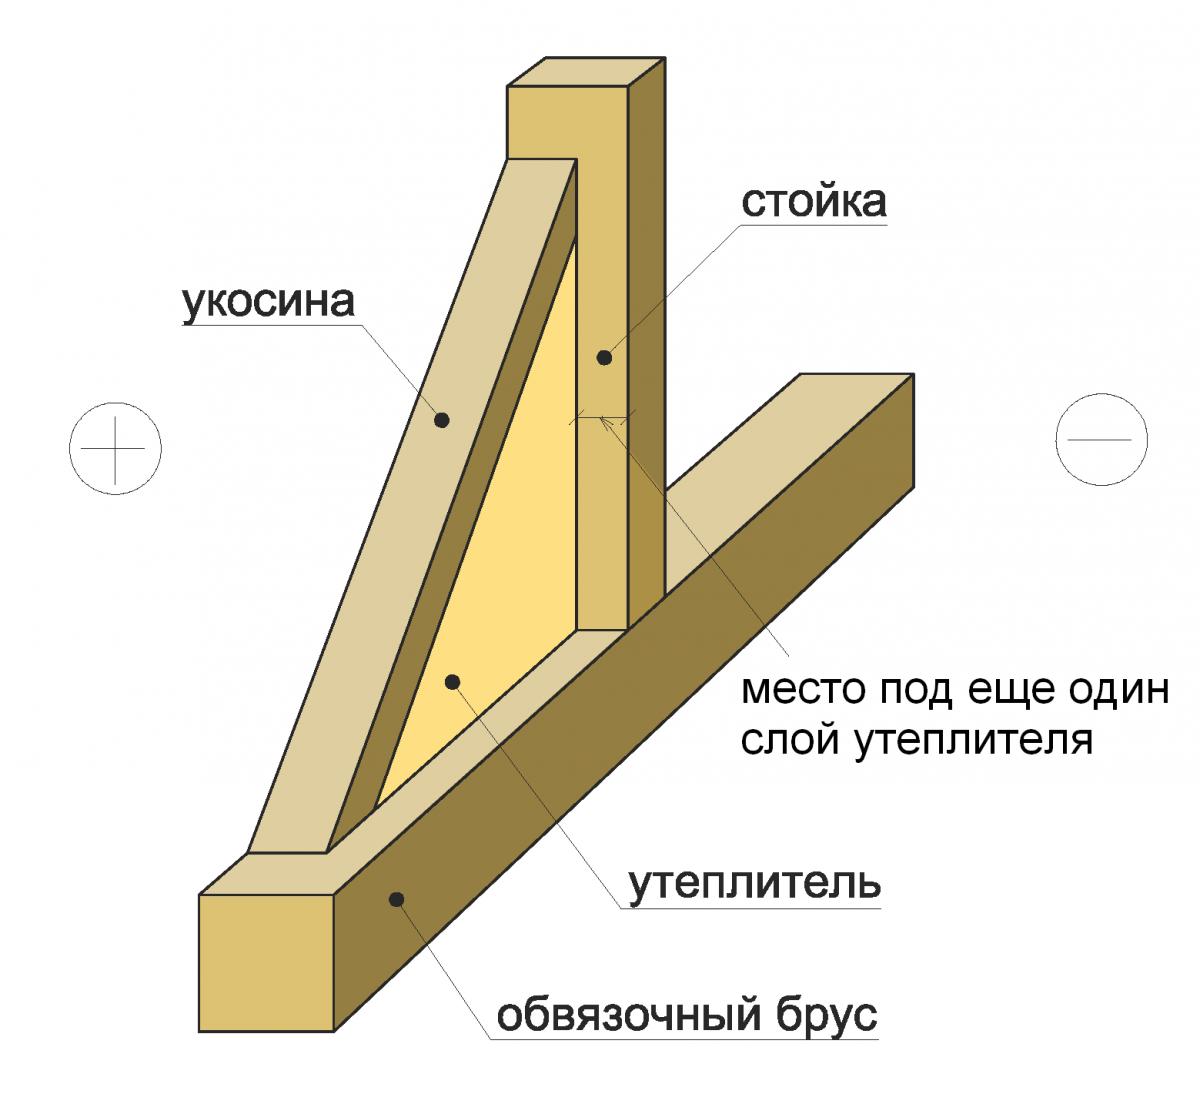 Установка вертикальных стоек своими руками